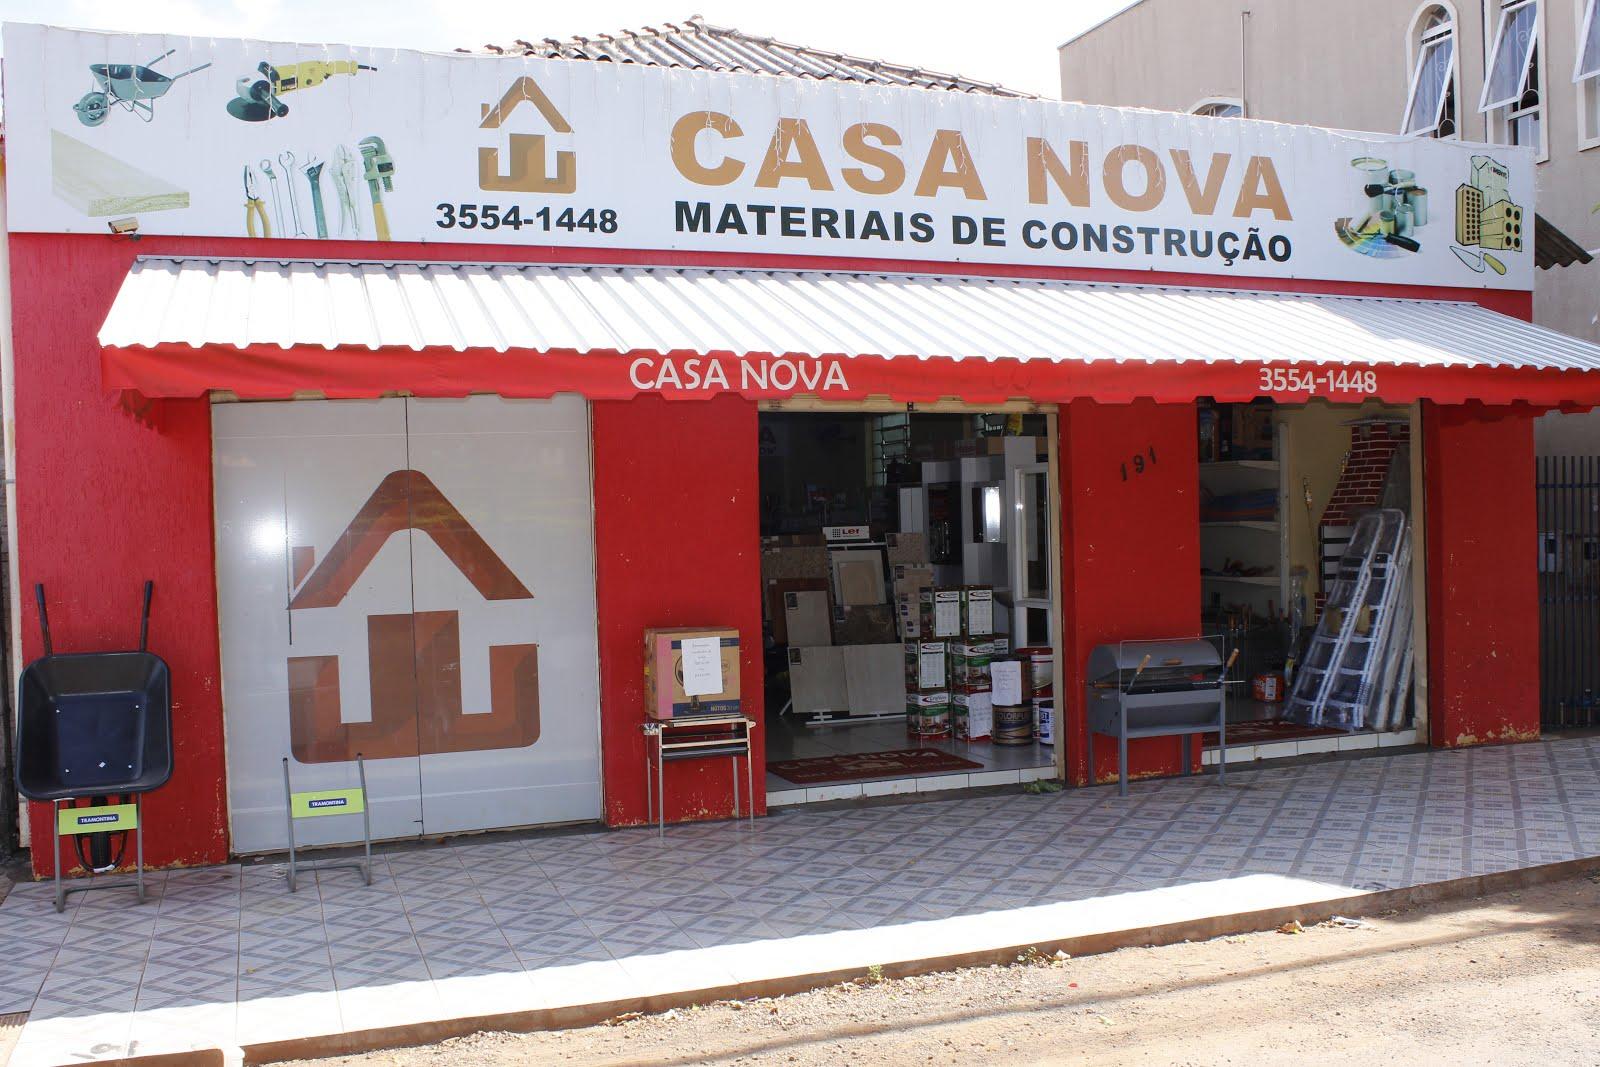 CASA NOVA MATERIAIS DE CONSTRUÇÃO.